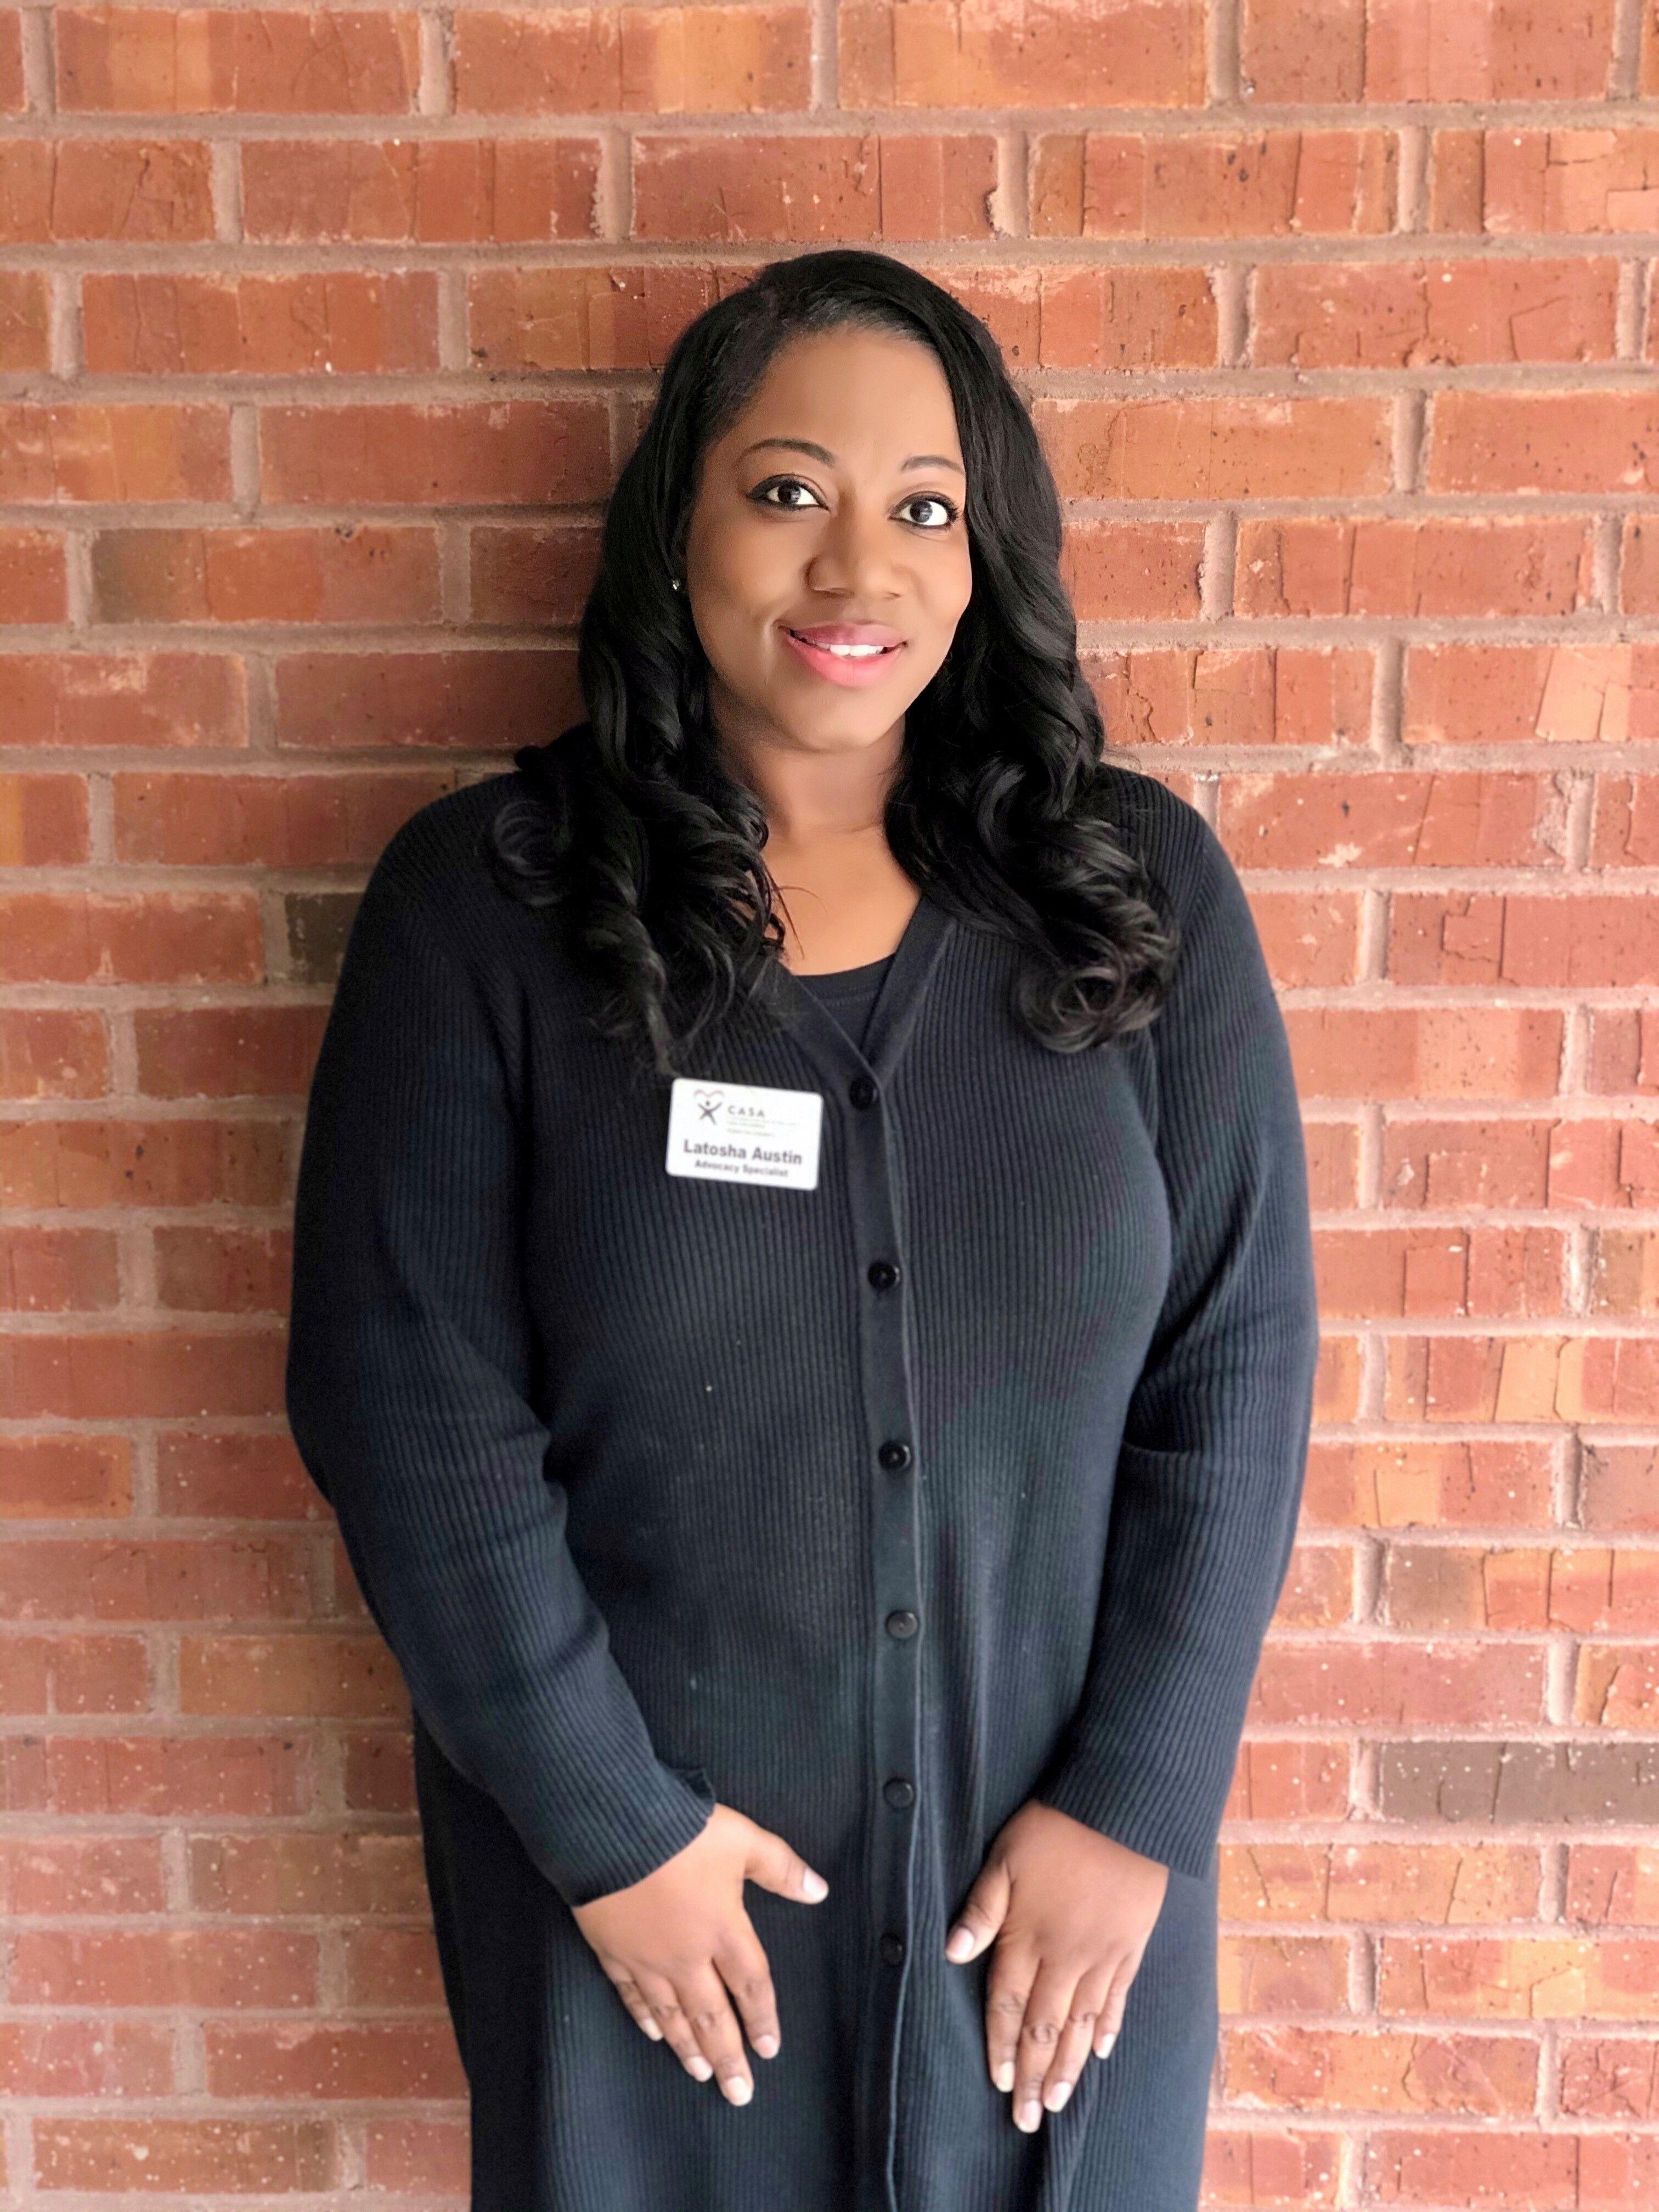 Latosha Austin, Advocacy Specialist